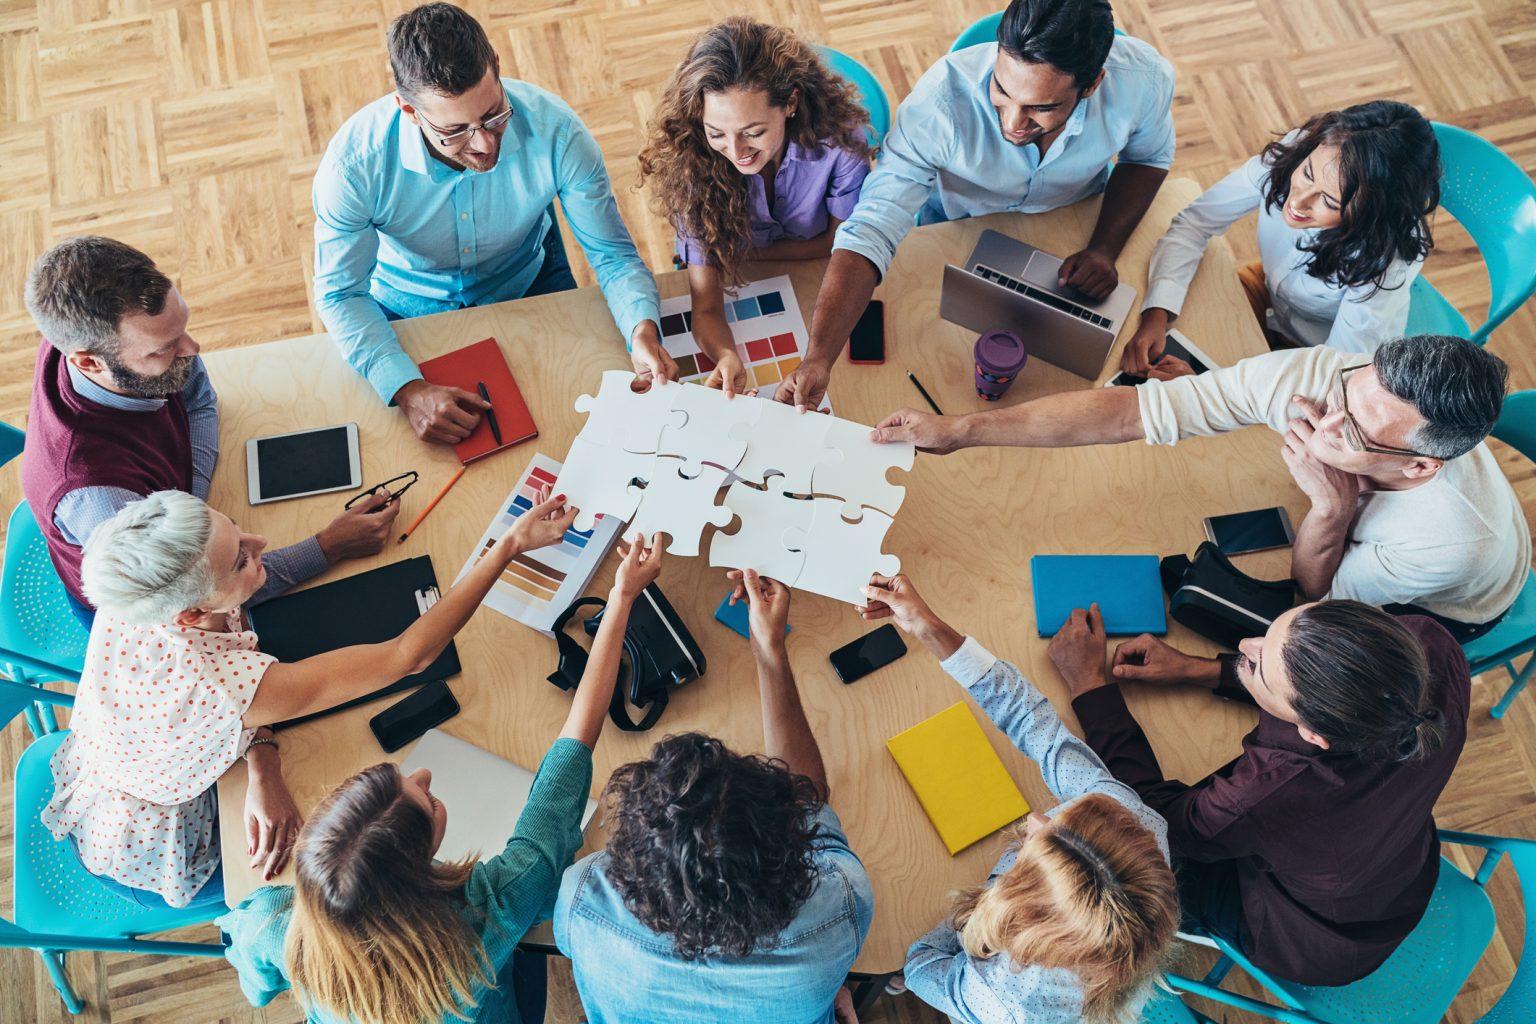 интересные вопросы для корпоративного тимбилдинга